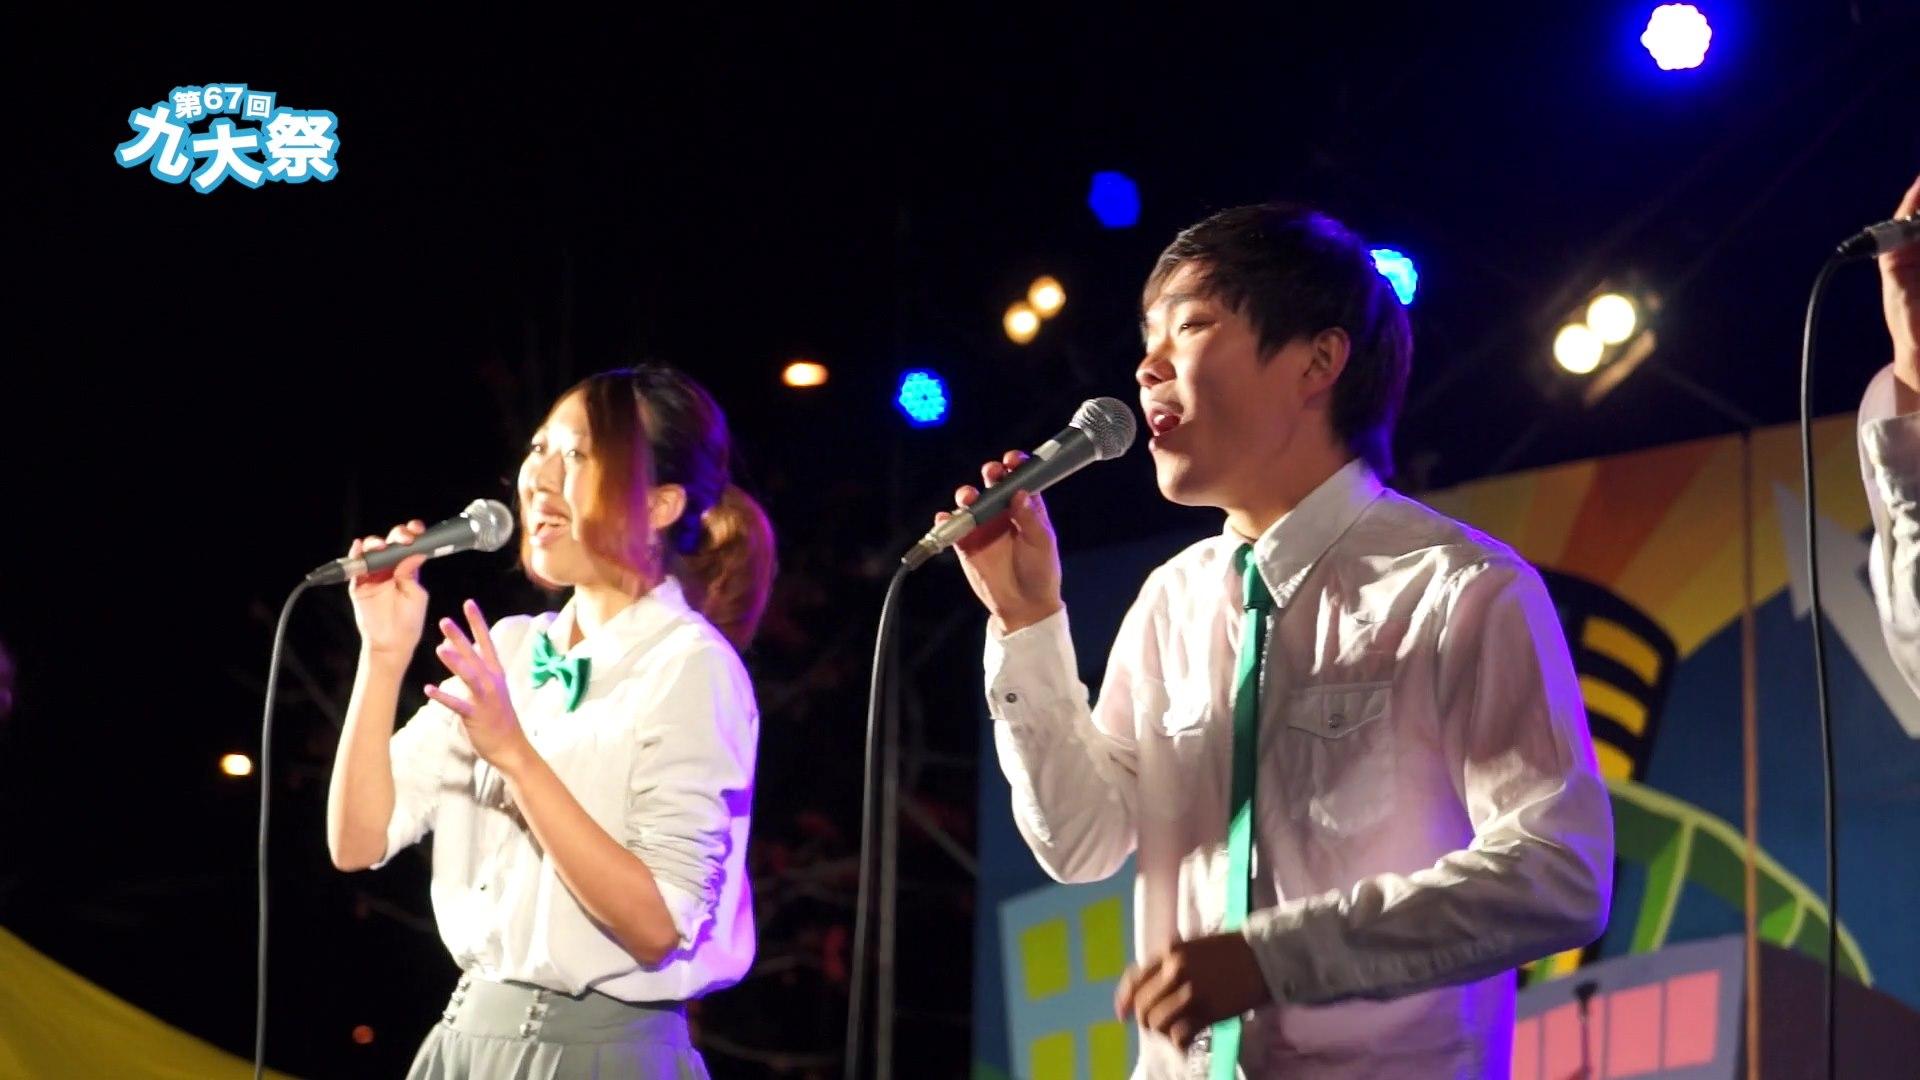 第67回 九州大学学祭.mov_000499776